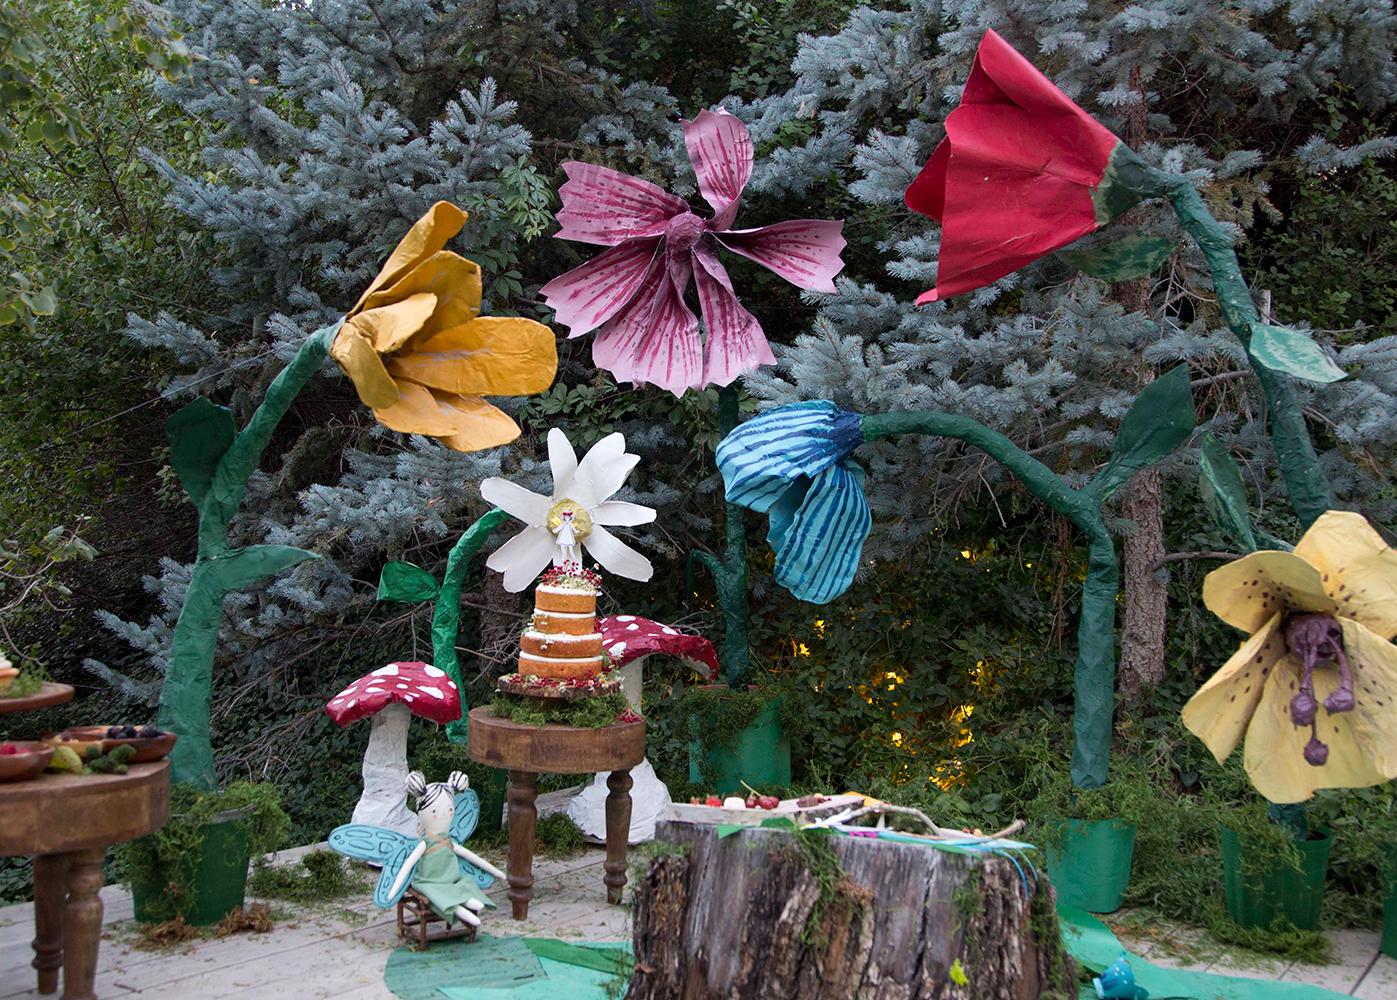 diy-papier-mache-flowers-13